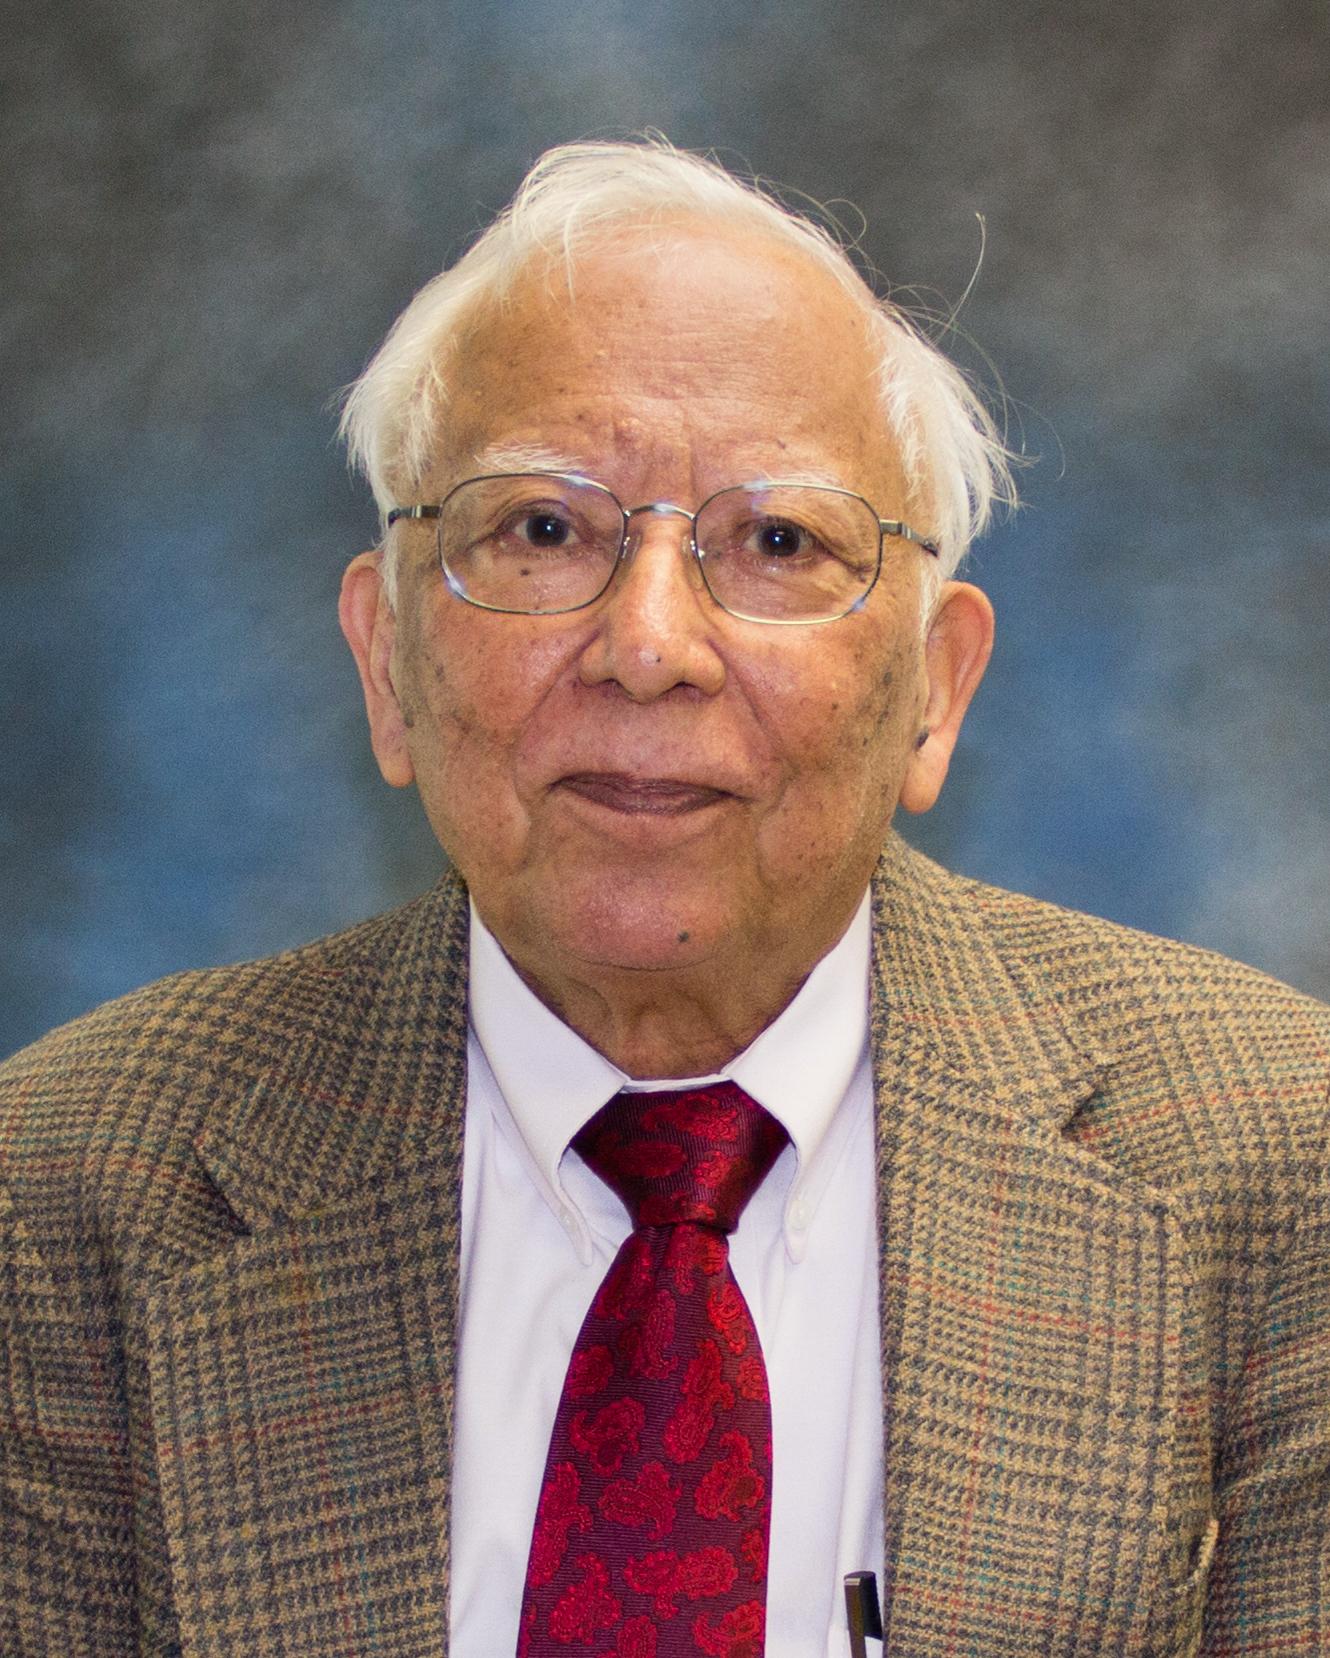 Modaser Shah